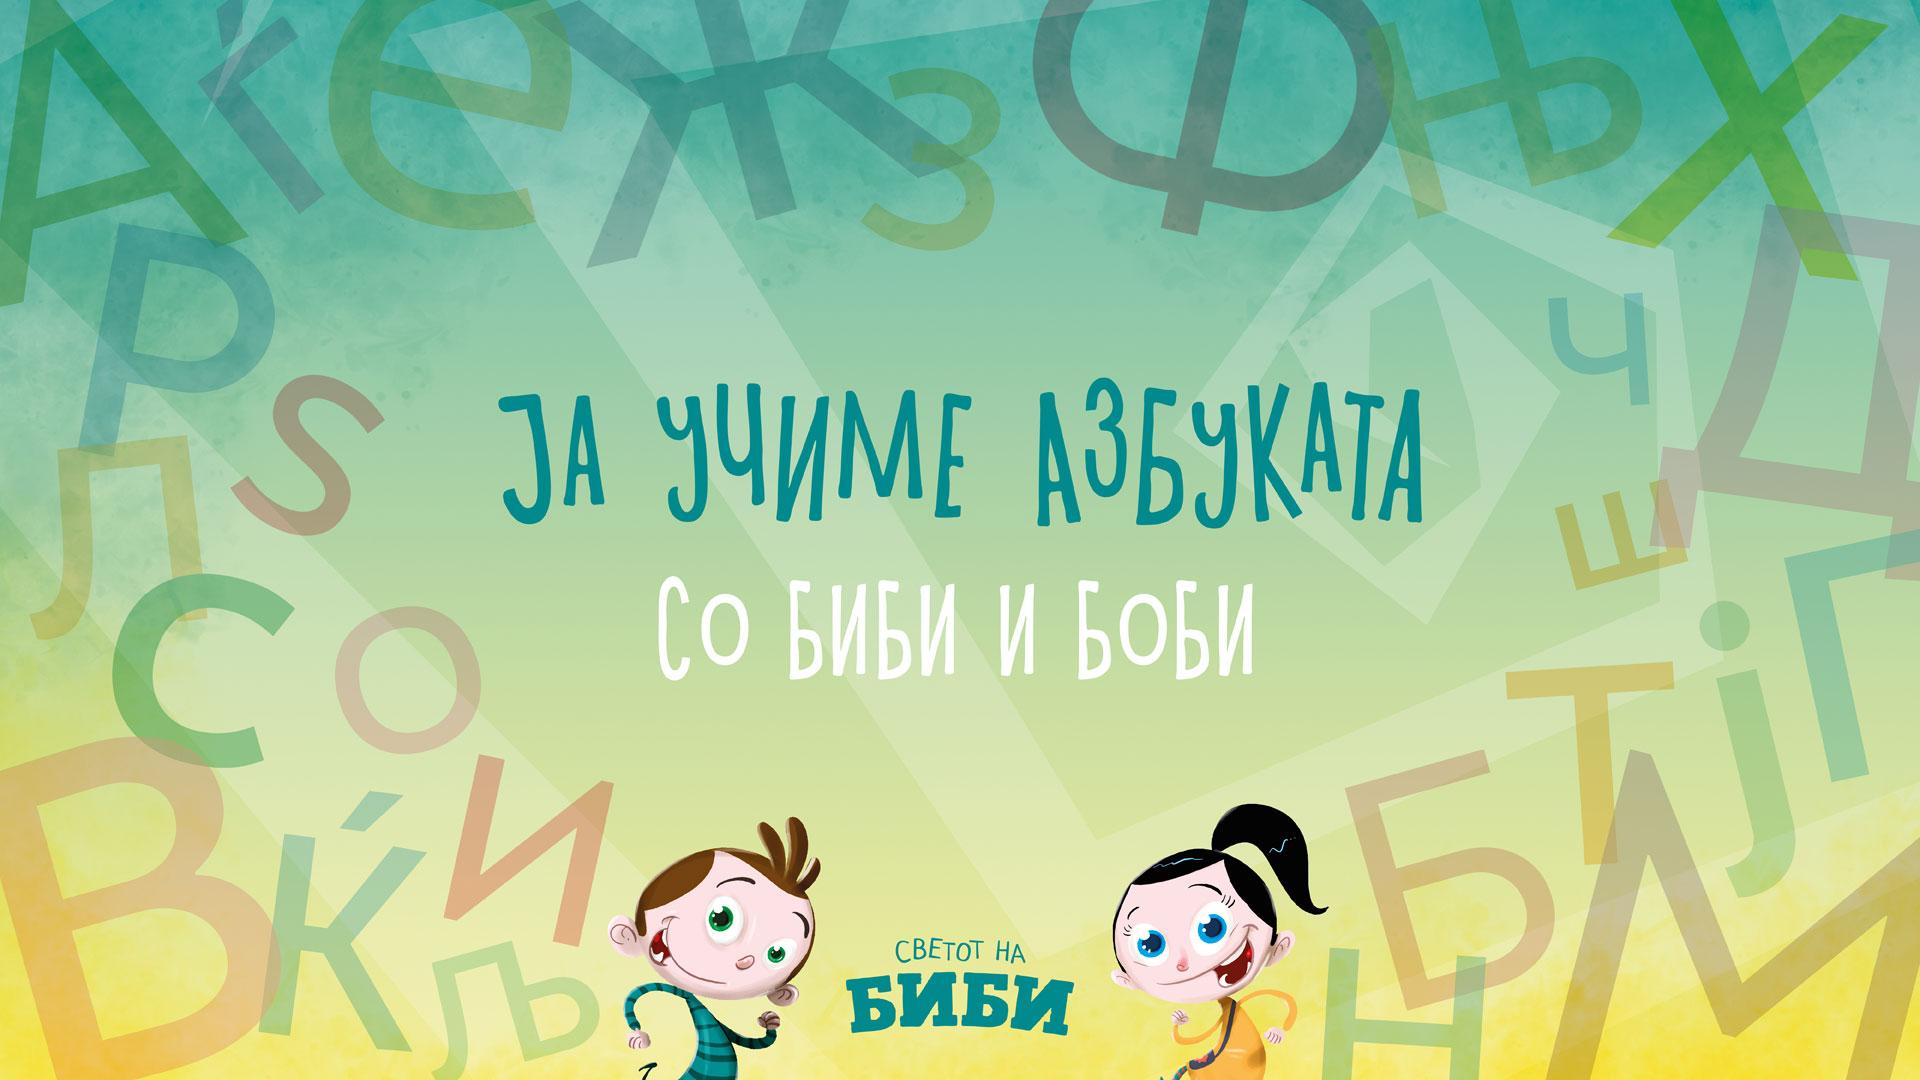 Ги учиме буквите со Биби и Боби: Омилените ликови на децата со нови едукативни видеа во новата 2021!